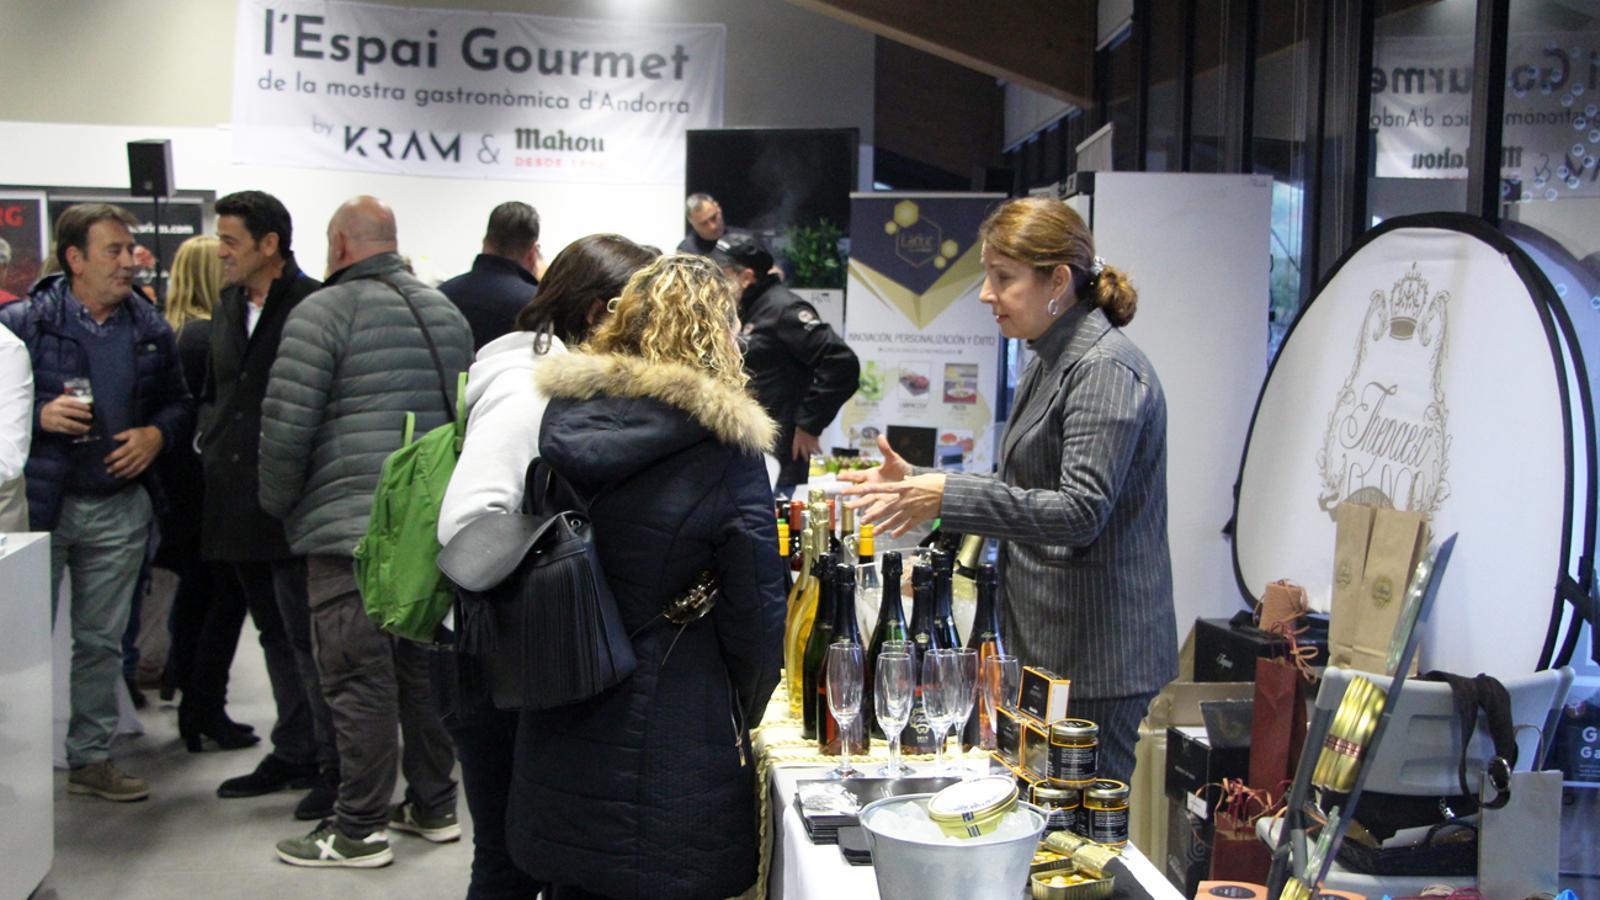 Inauguració de l'Espai Gourmet a la sala la Buna aquest divendres. / T. N. (ANA)